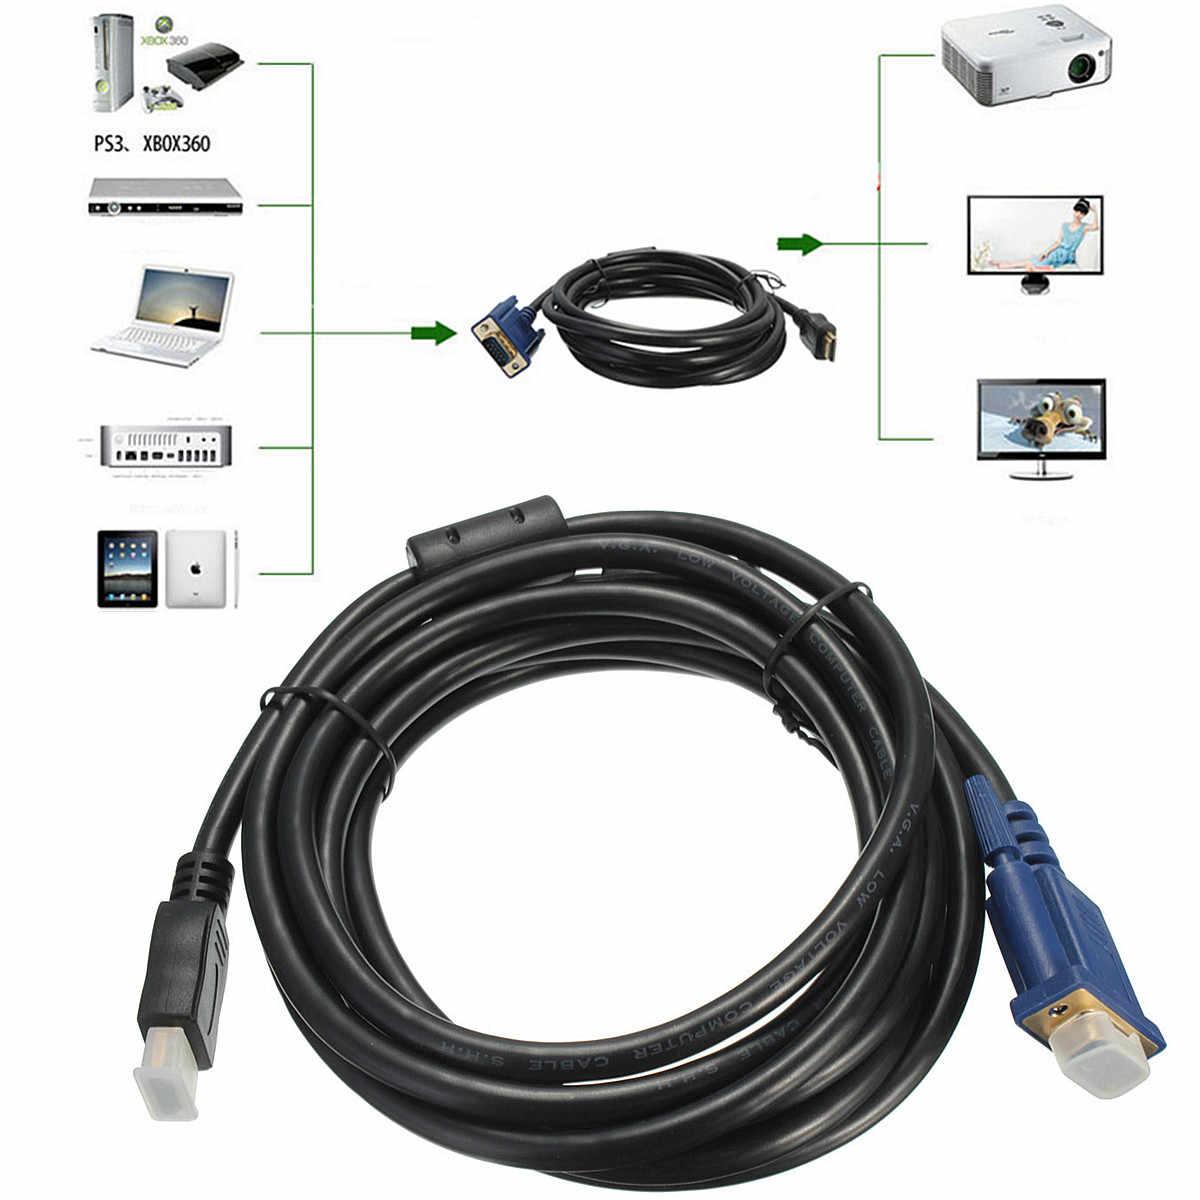 3 متر HDMI ذكر إلى VGA ذكر 15 دبوس مهائي كابلات محول مطلية بالذهب للكمبيوتر DVD الرقمية إلى التناظرية الفيديو الصوت للتلفزيون